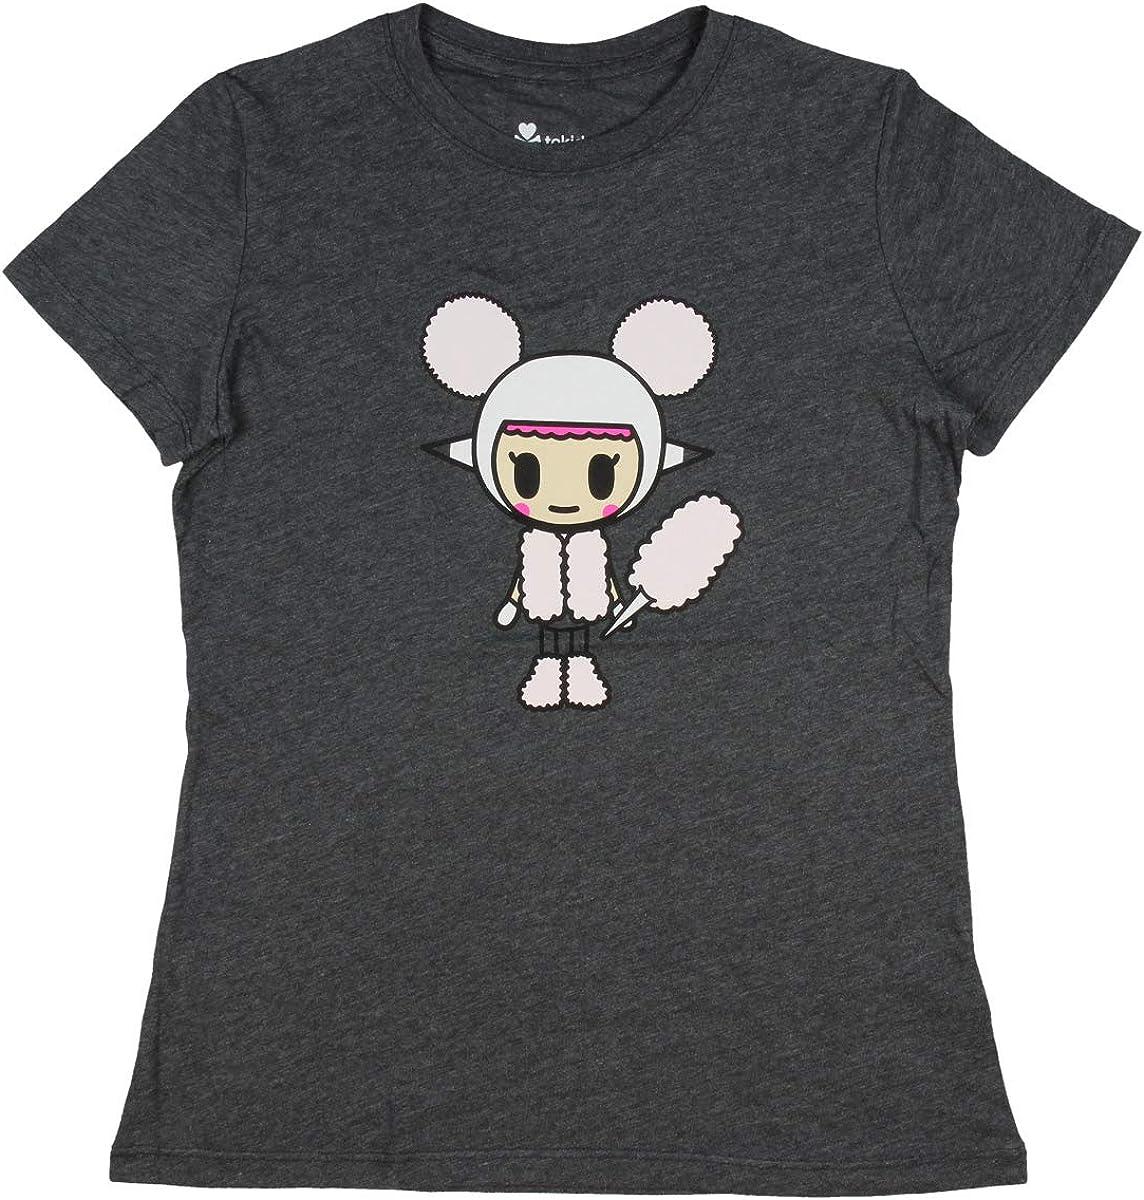 Tokidoki Womens Sugarina Tee T-Shirt